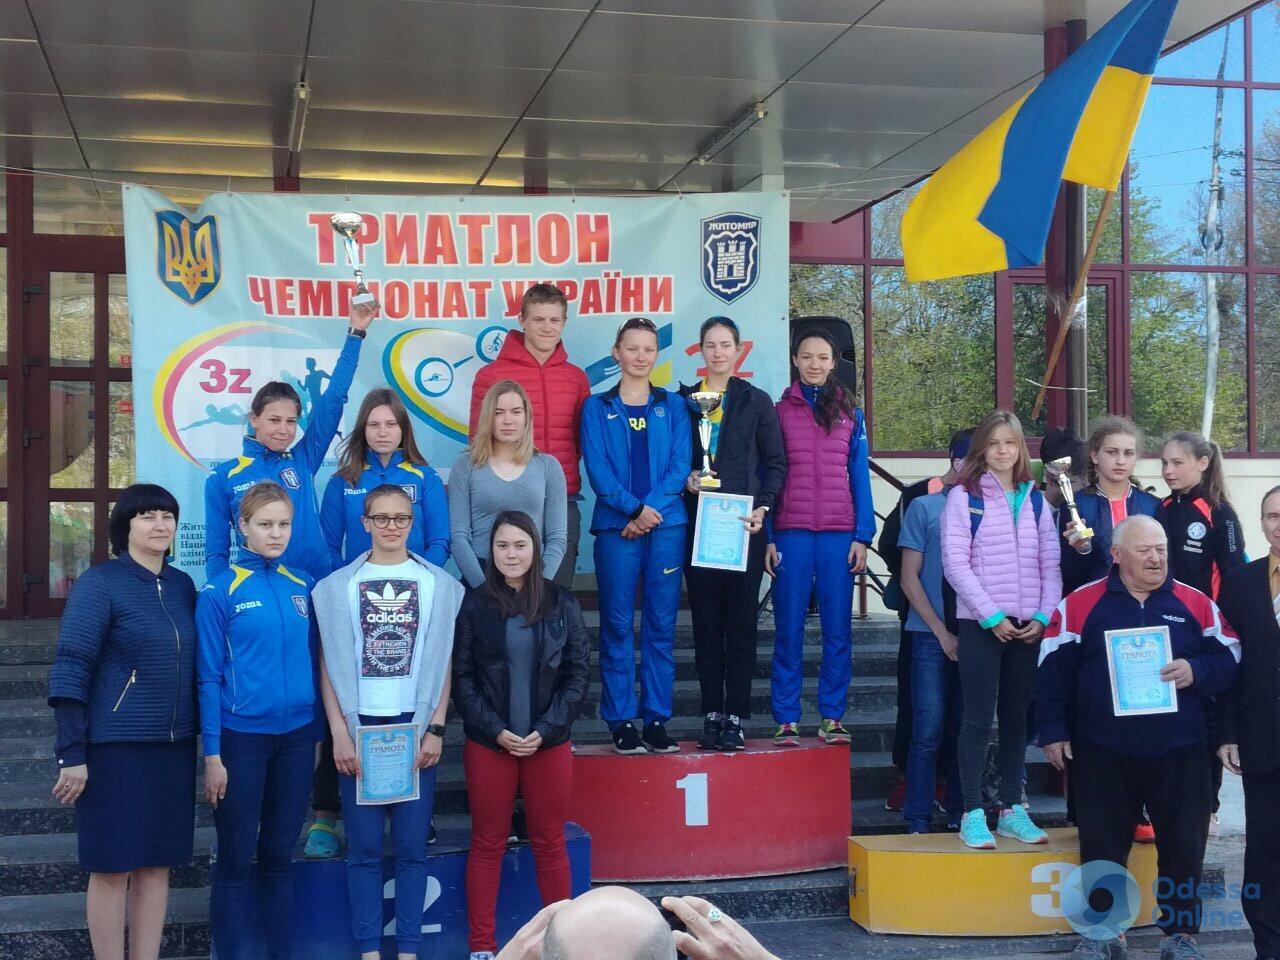 Одесские спортсмены завоевали медали двух чемпионатов Украины по триатлону